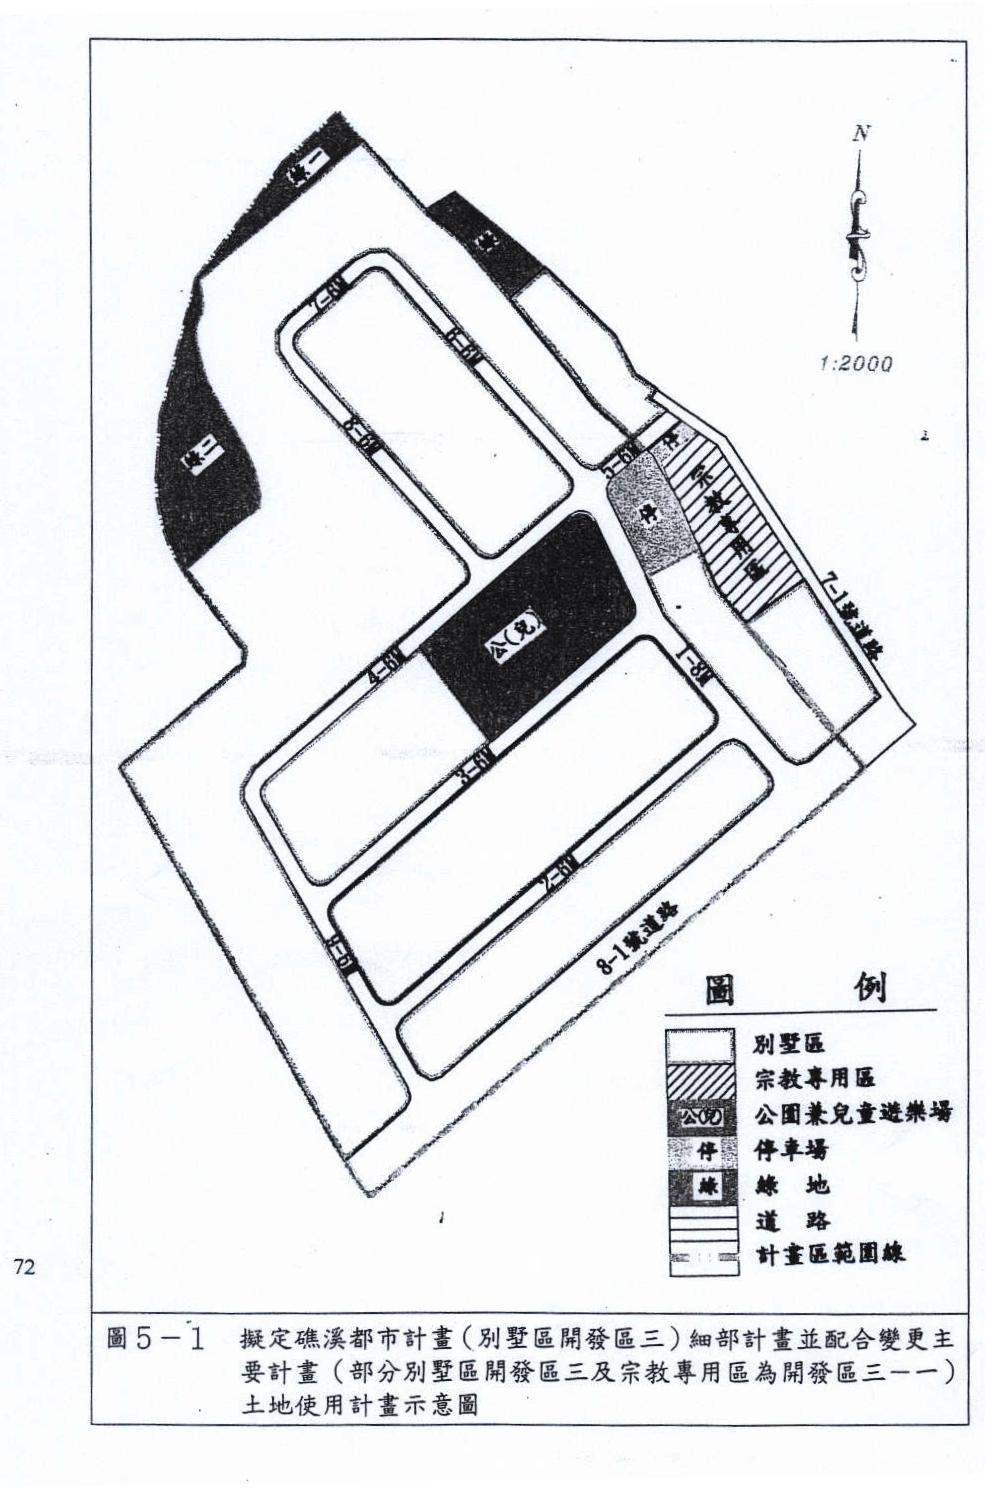 礁溪鄉都市計畫(別墅區開發區三)